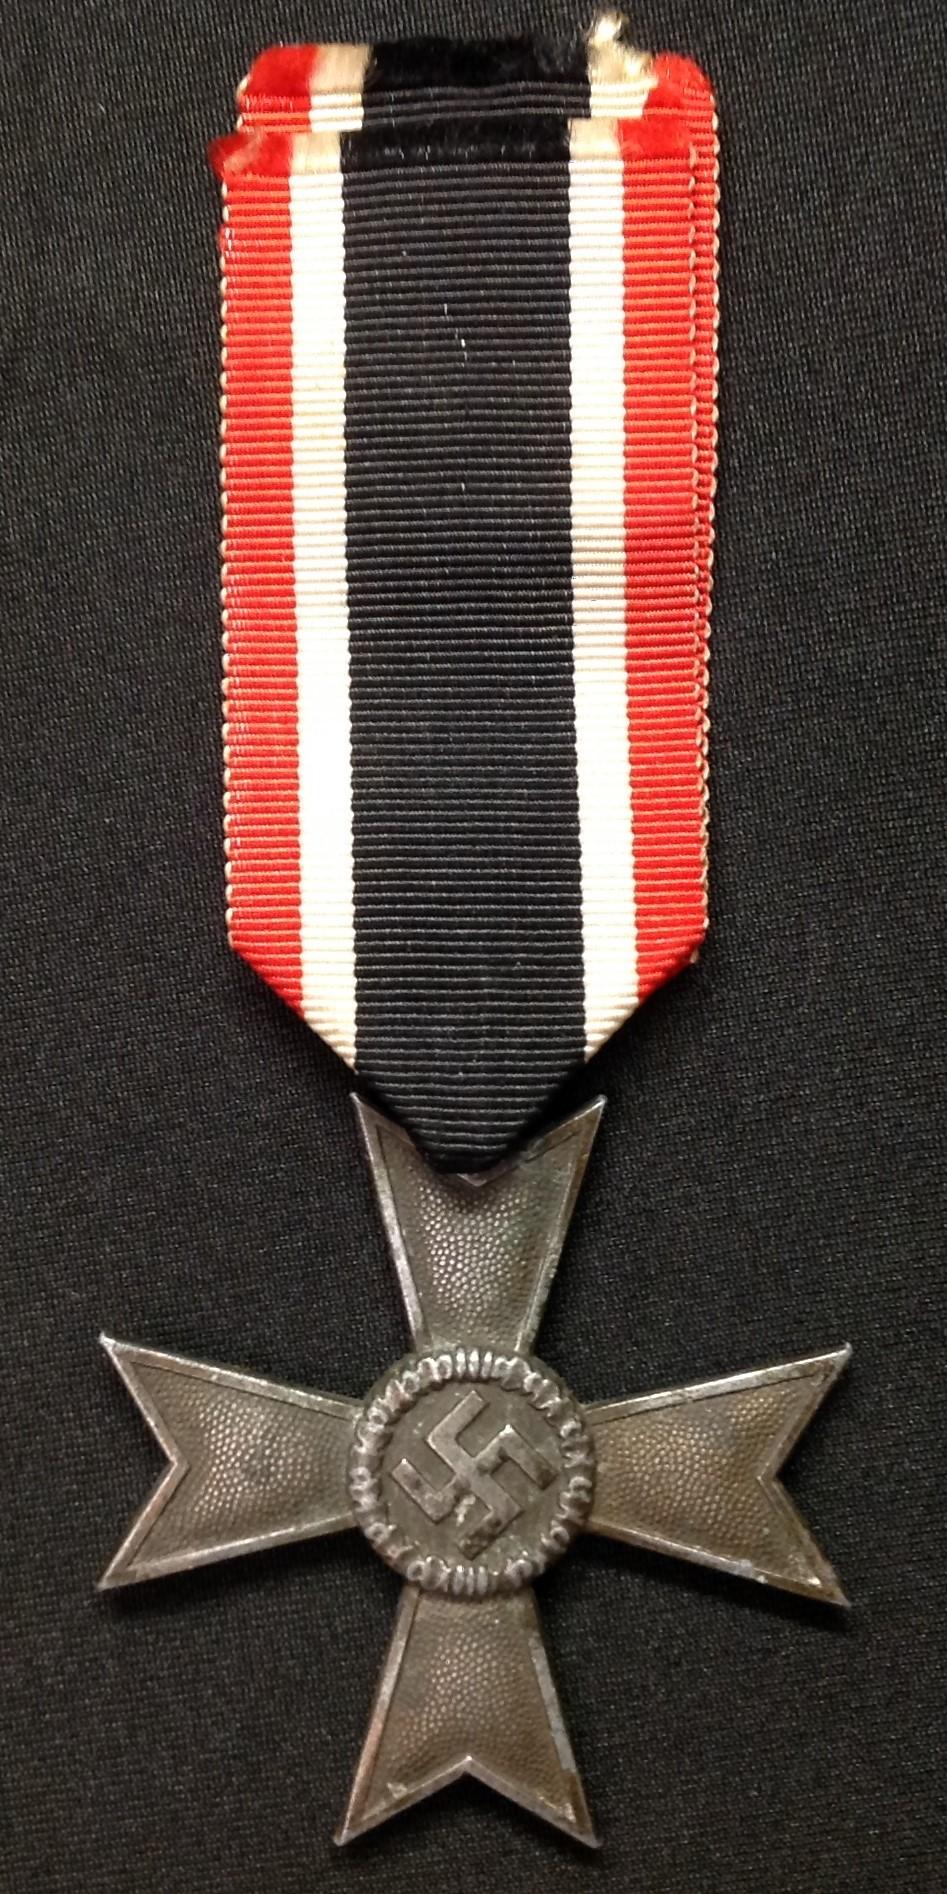 WW2 Third Reich Kriegsverdienstkreuz ohne Schwerten II klasse. War Merit Cross without Swords 2nd